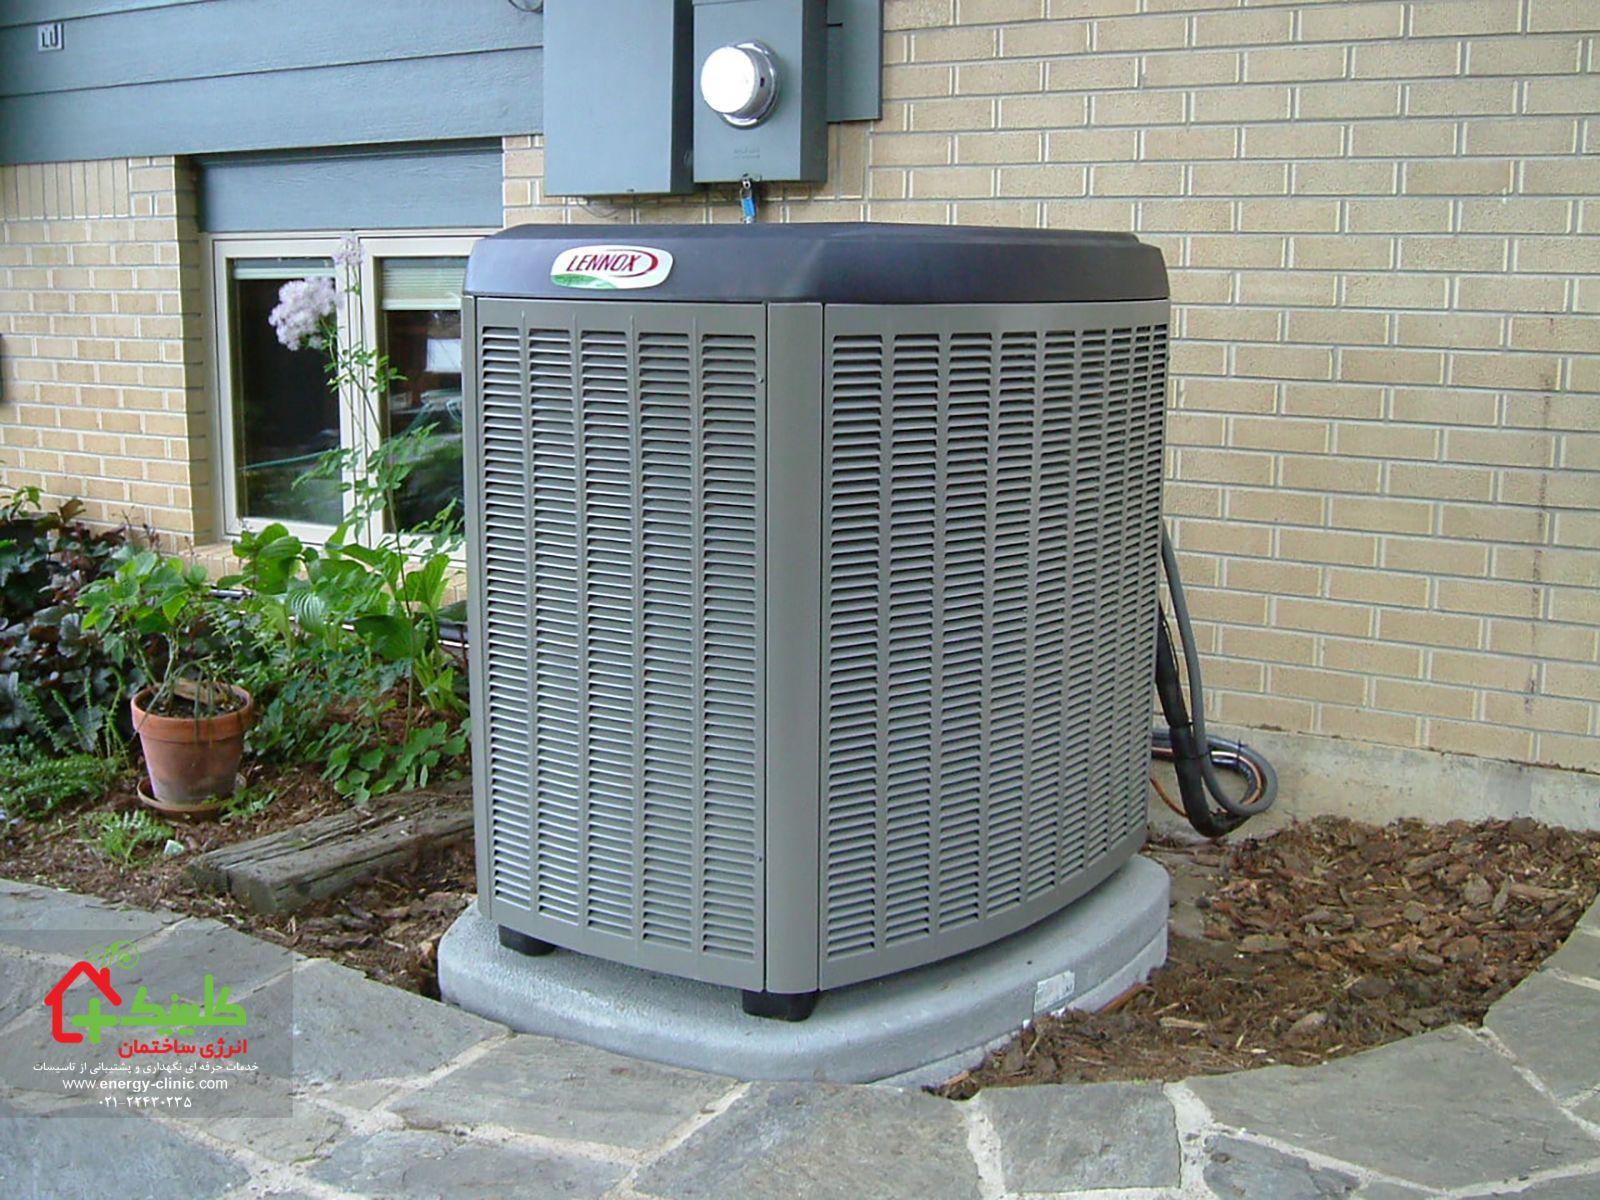 بهینه سازی مصرف سیستم های پکیج سرمایشی و گرمایشی